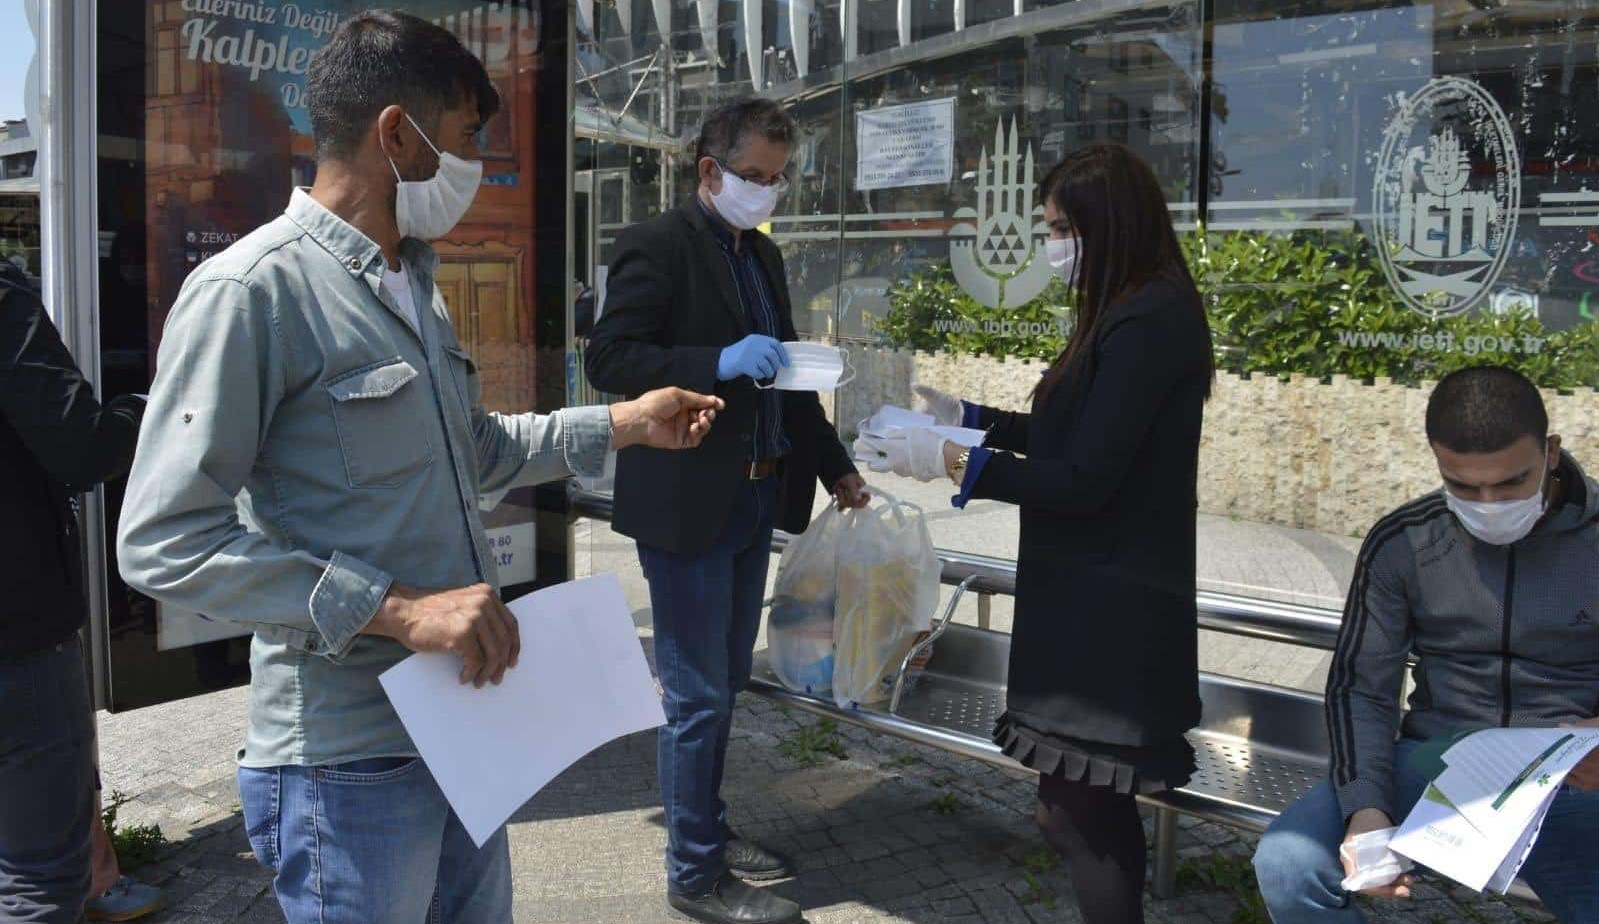 Gelecek Partisi İstanbul'da maske dağıttı!